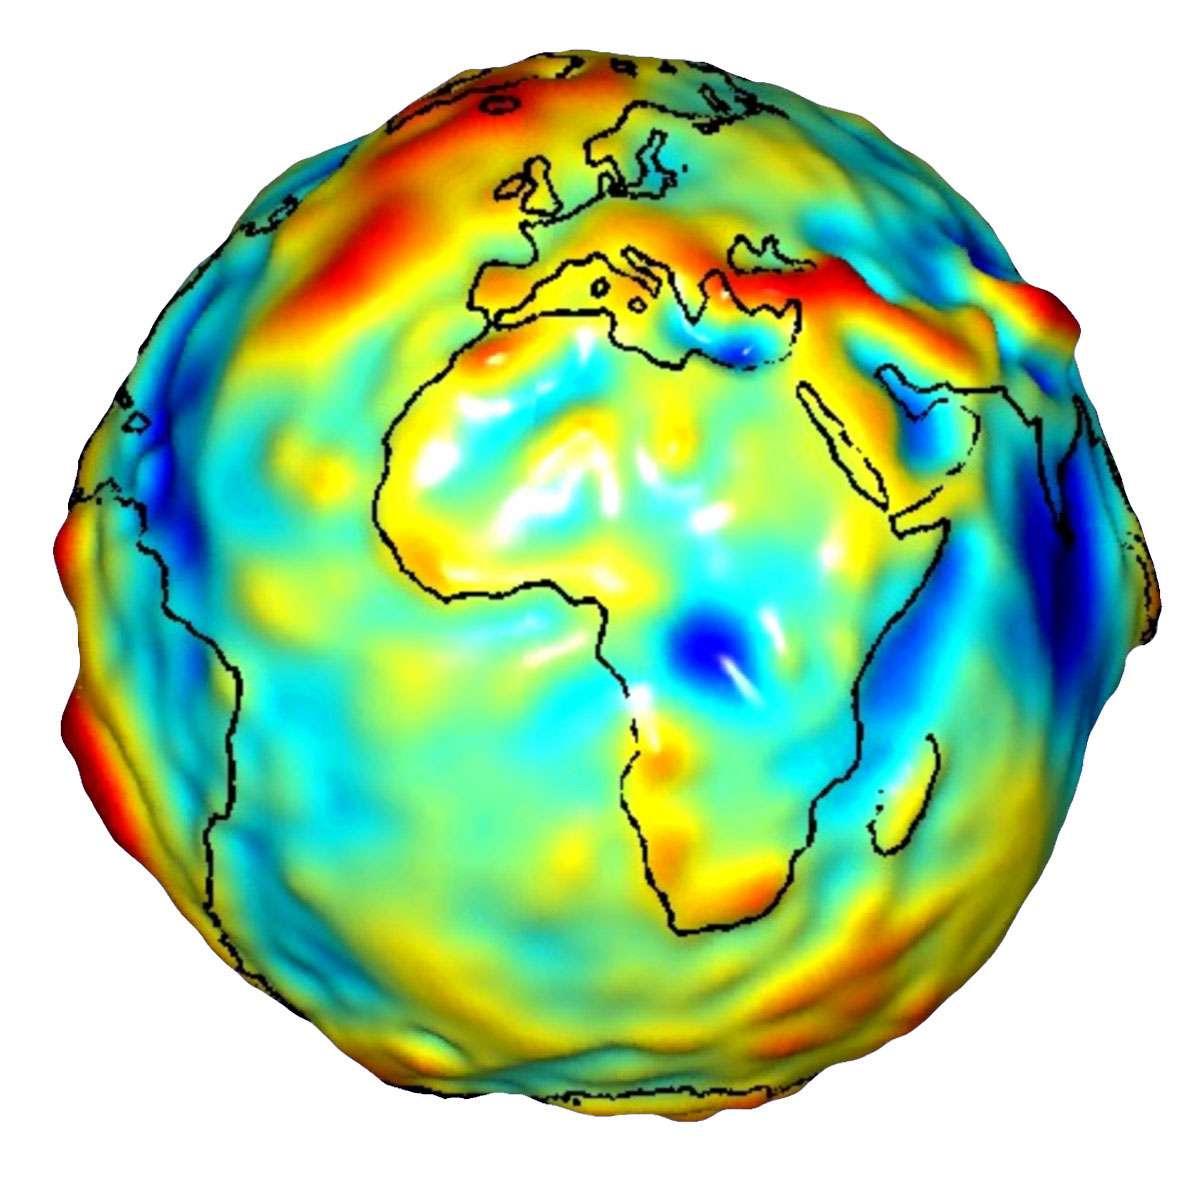 Les satellites de Grace sont utilisés pour mesurer la gravité tout autour de la Terre. Les résultats fournis par ce système d'étude sont 10 à 50 fois plus précis par rapport à toutes les autres techniques utilisées auparavant. © University of Texas Center for Space Research and Nasa